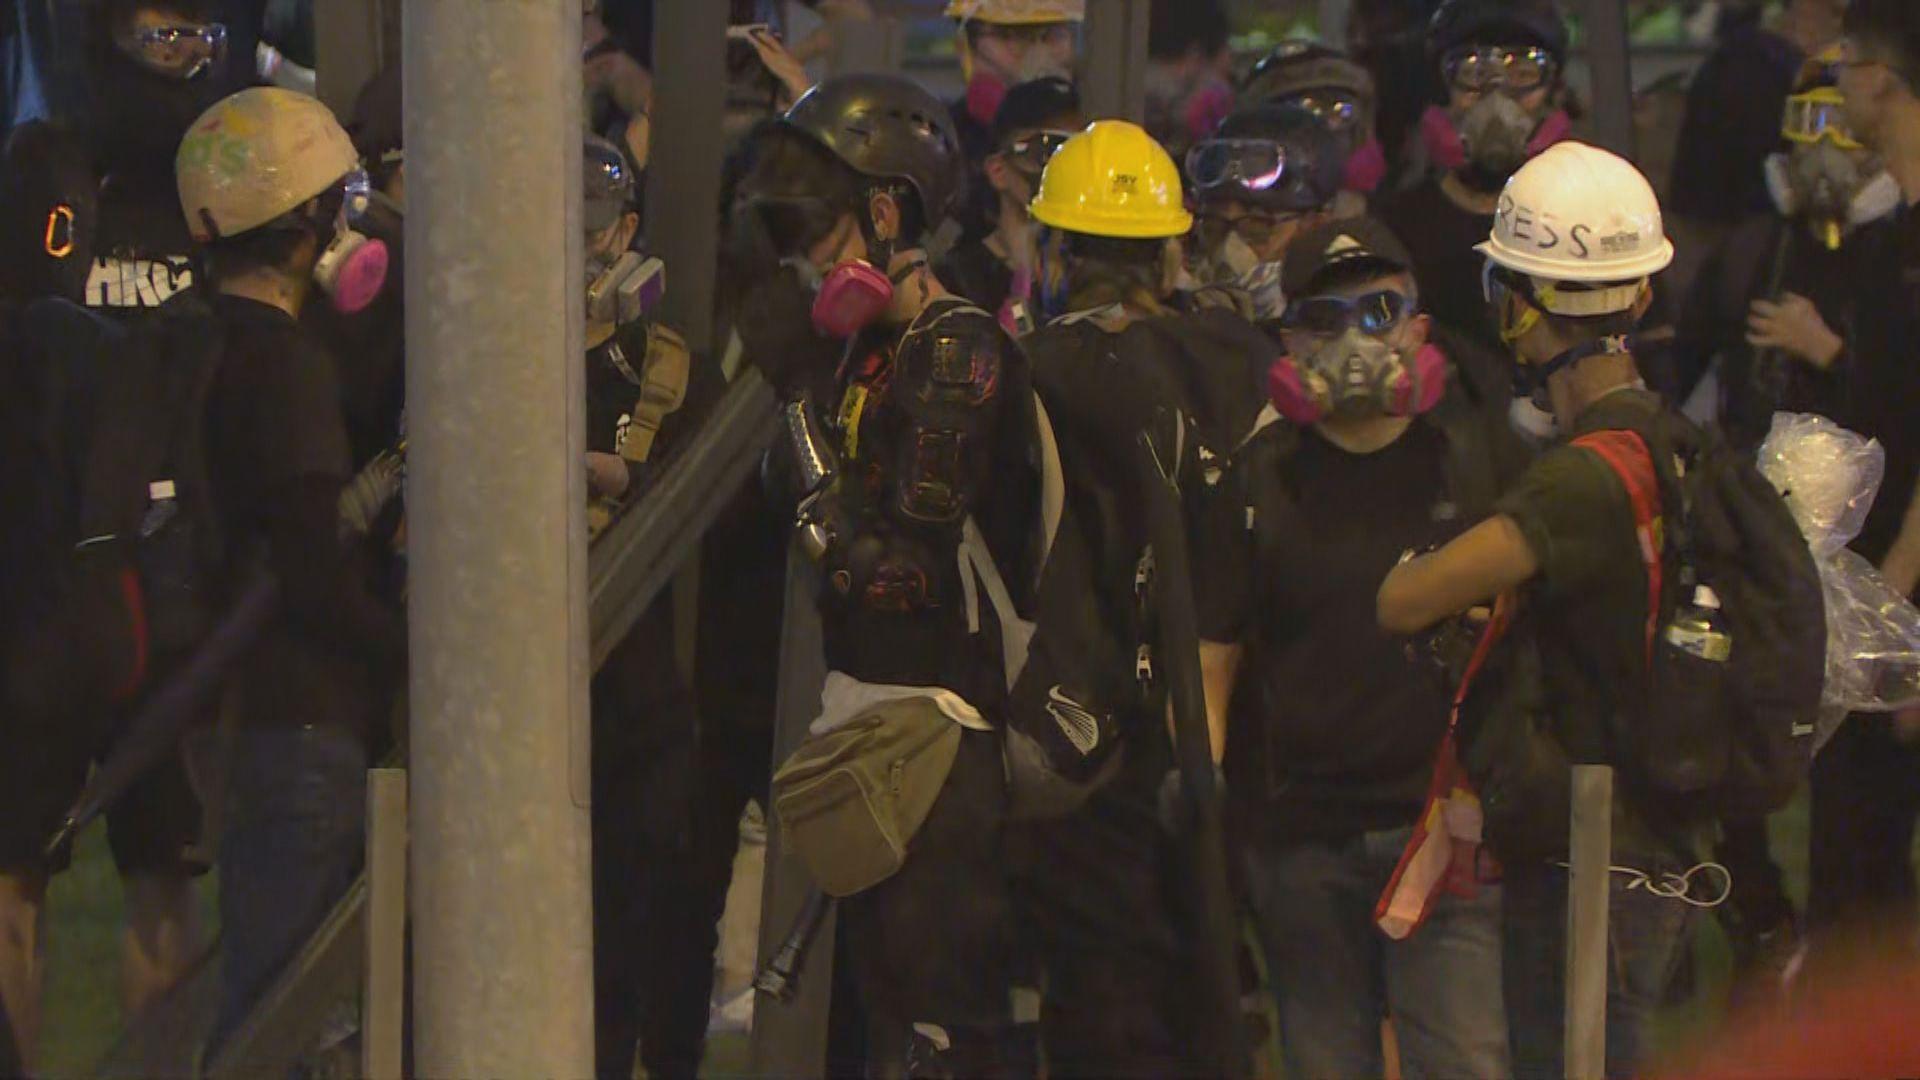 龍和道有示威者向特首辦投擲物件